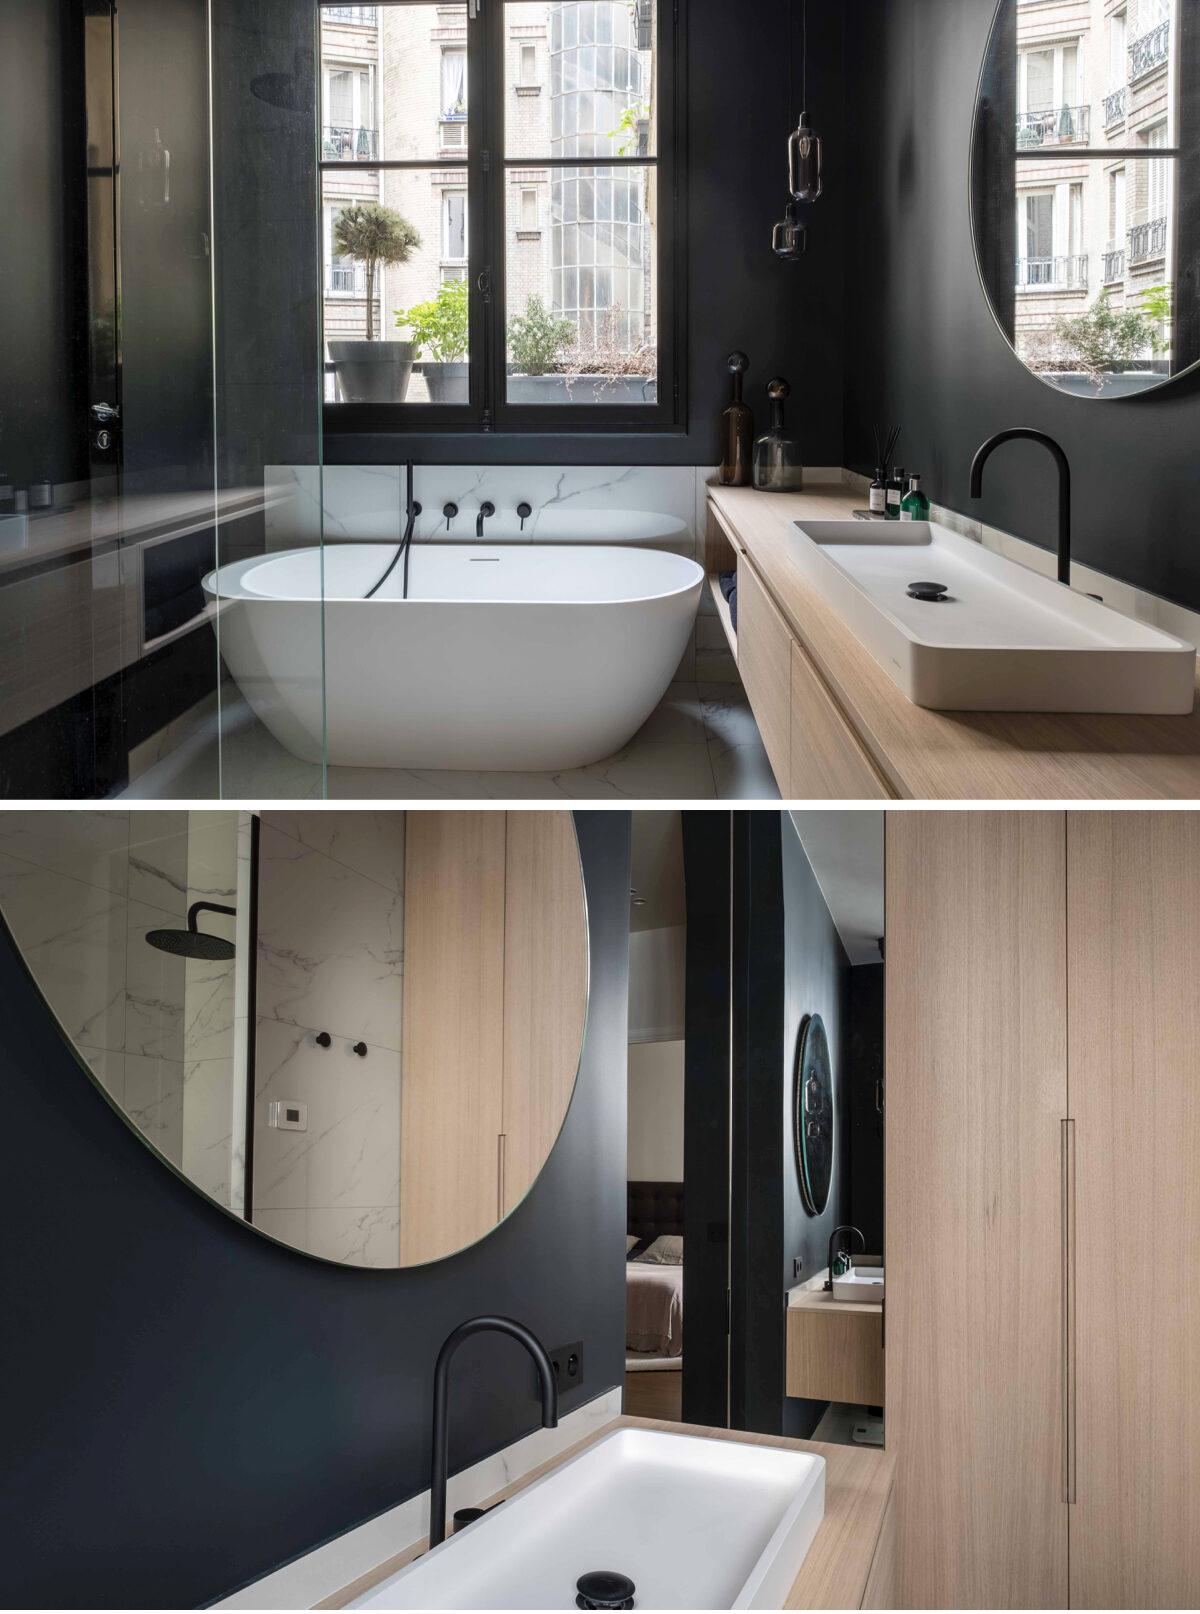 sallle de bain noire mur plafond placard bois agence Véronique Cotrel.001